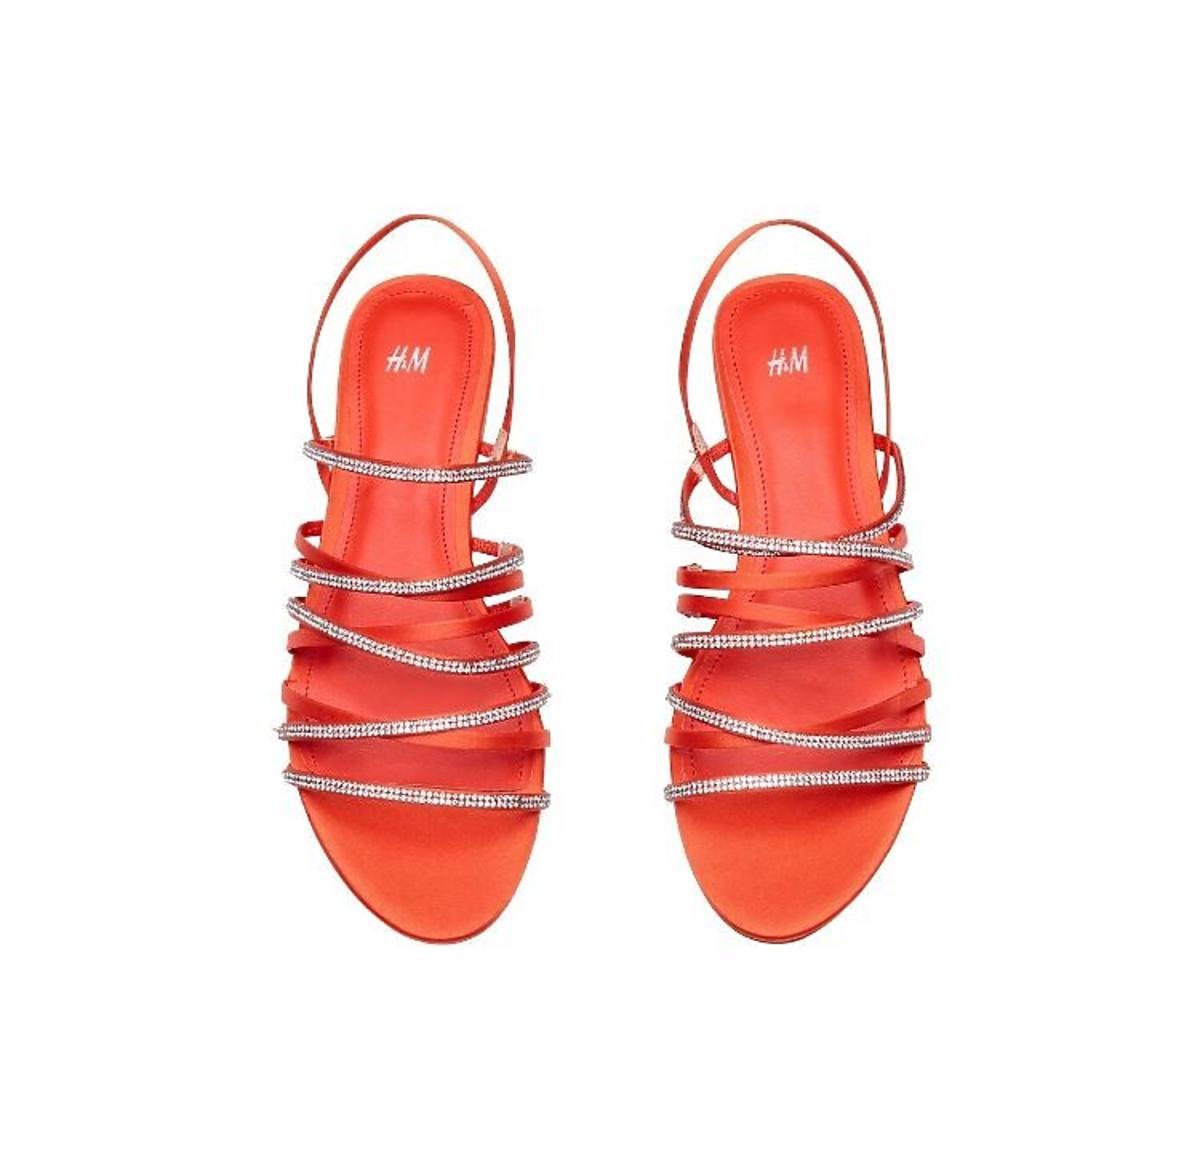 Czerwone sandałki H&M wyprzedaż